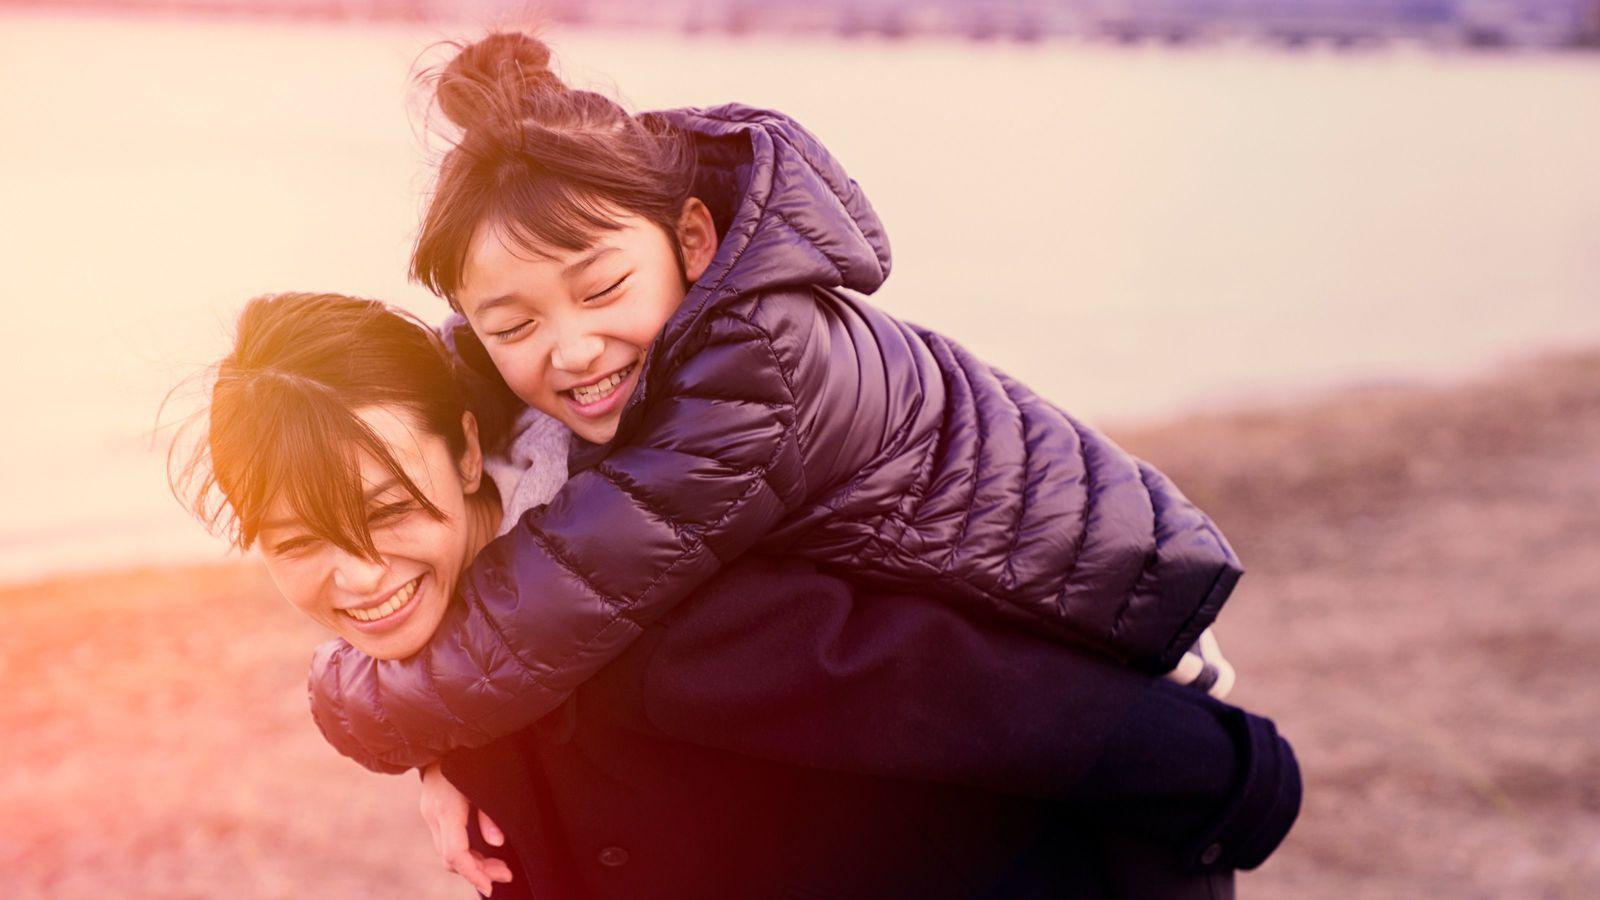 ユルユルな親の子供が東大生や医師になるワケ 夫婦仲と子供の偏差値に相関あるか